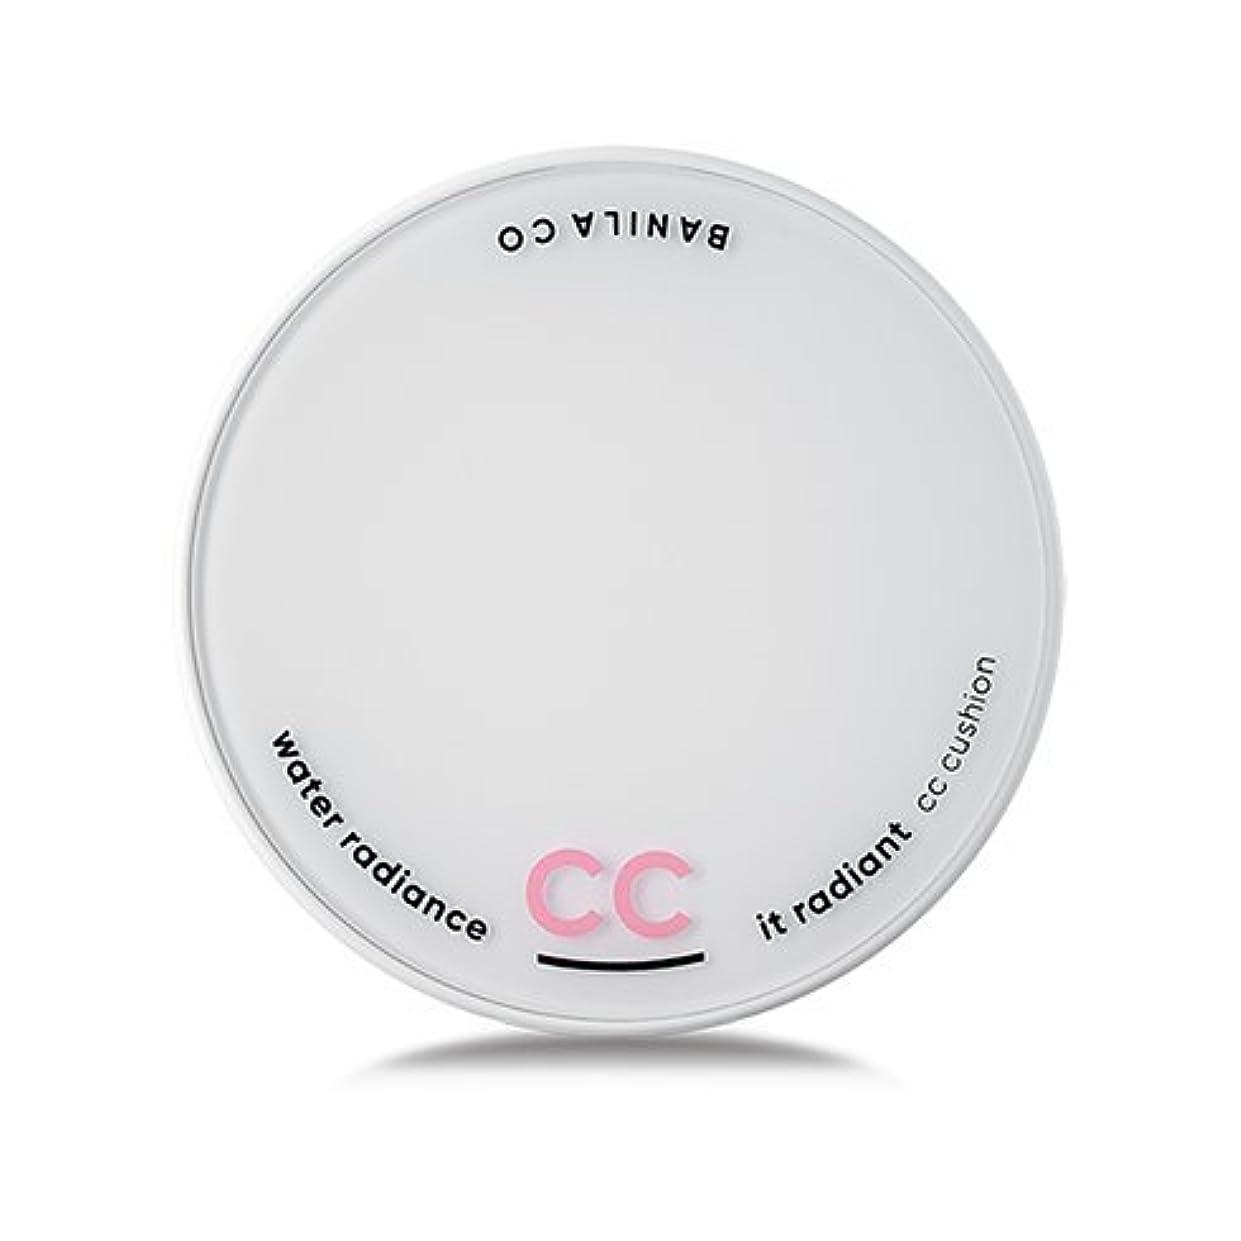 教えステージスティーブンソン[Renewal] BANILA CO It Radiant CC Cushion 15g + Refill 15g/バニラコ イット ラディアント CC クッション 15g + リフィル 15g (#Light Beige...